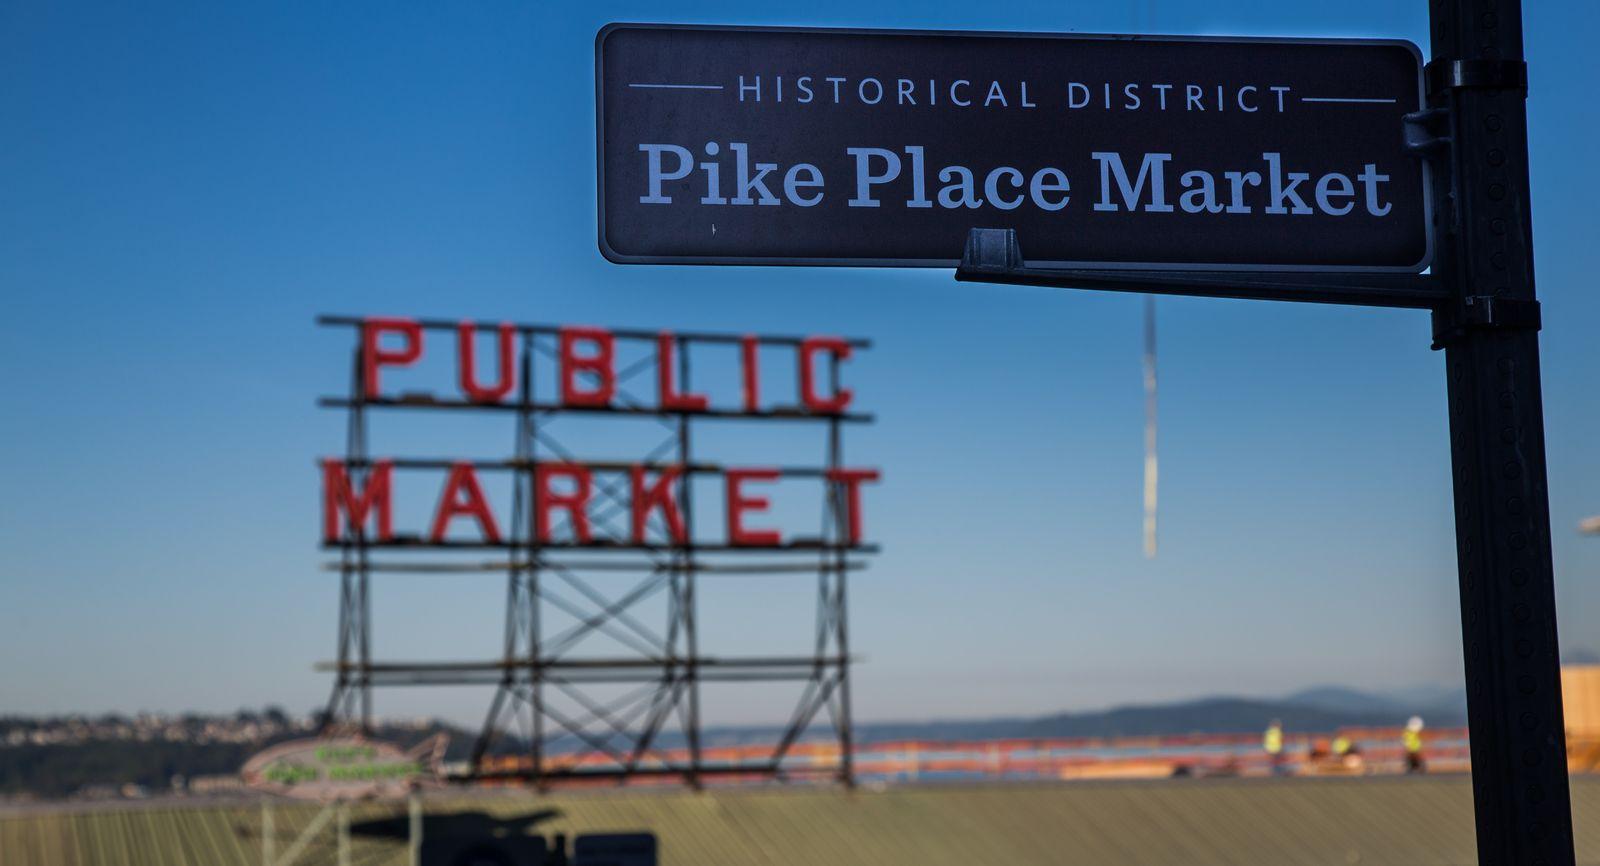 Otro acceso al Pike Place Market